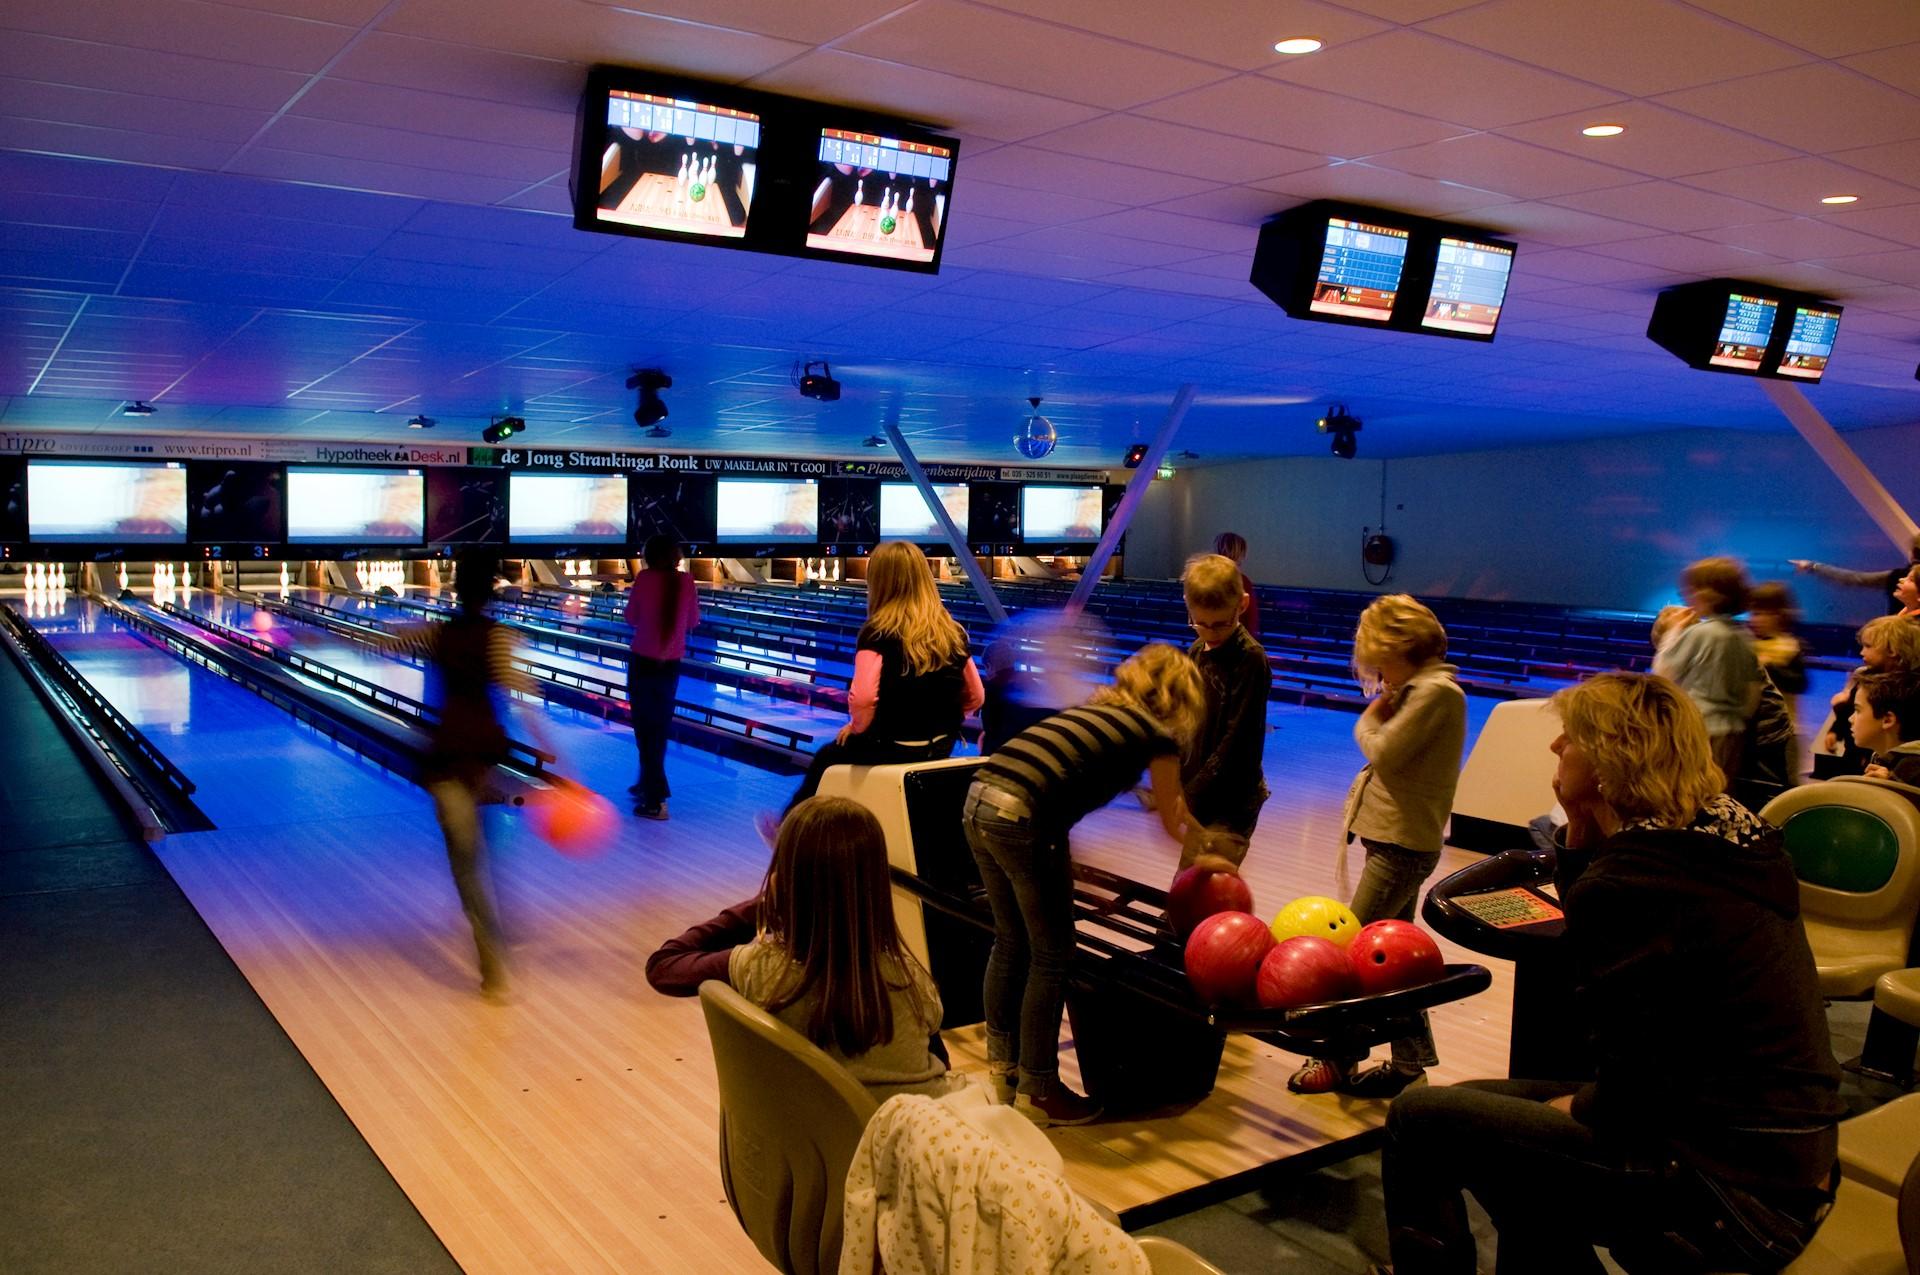 Wolff Bioscoop Huizen : Home bowling huizen